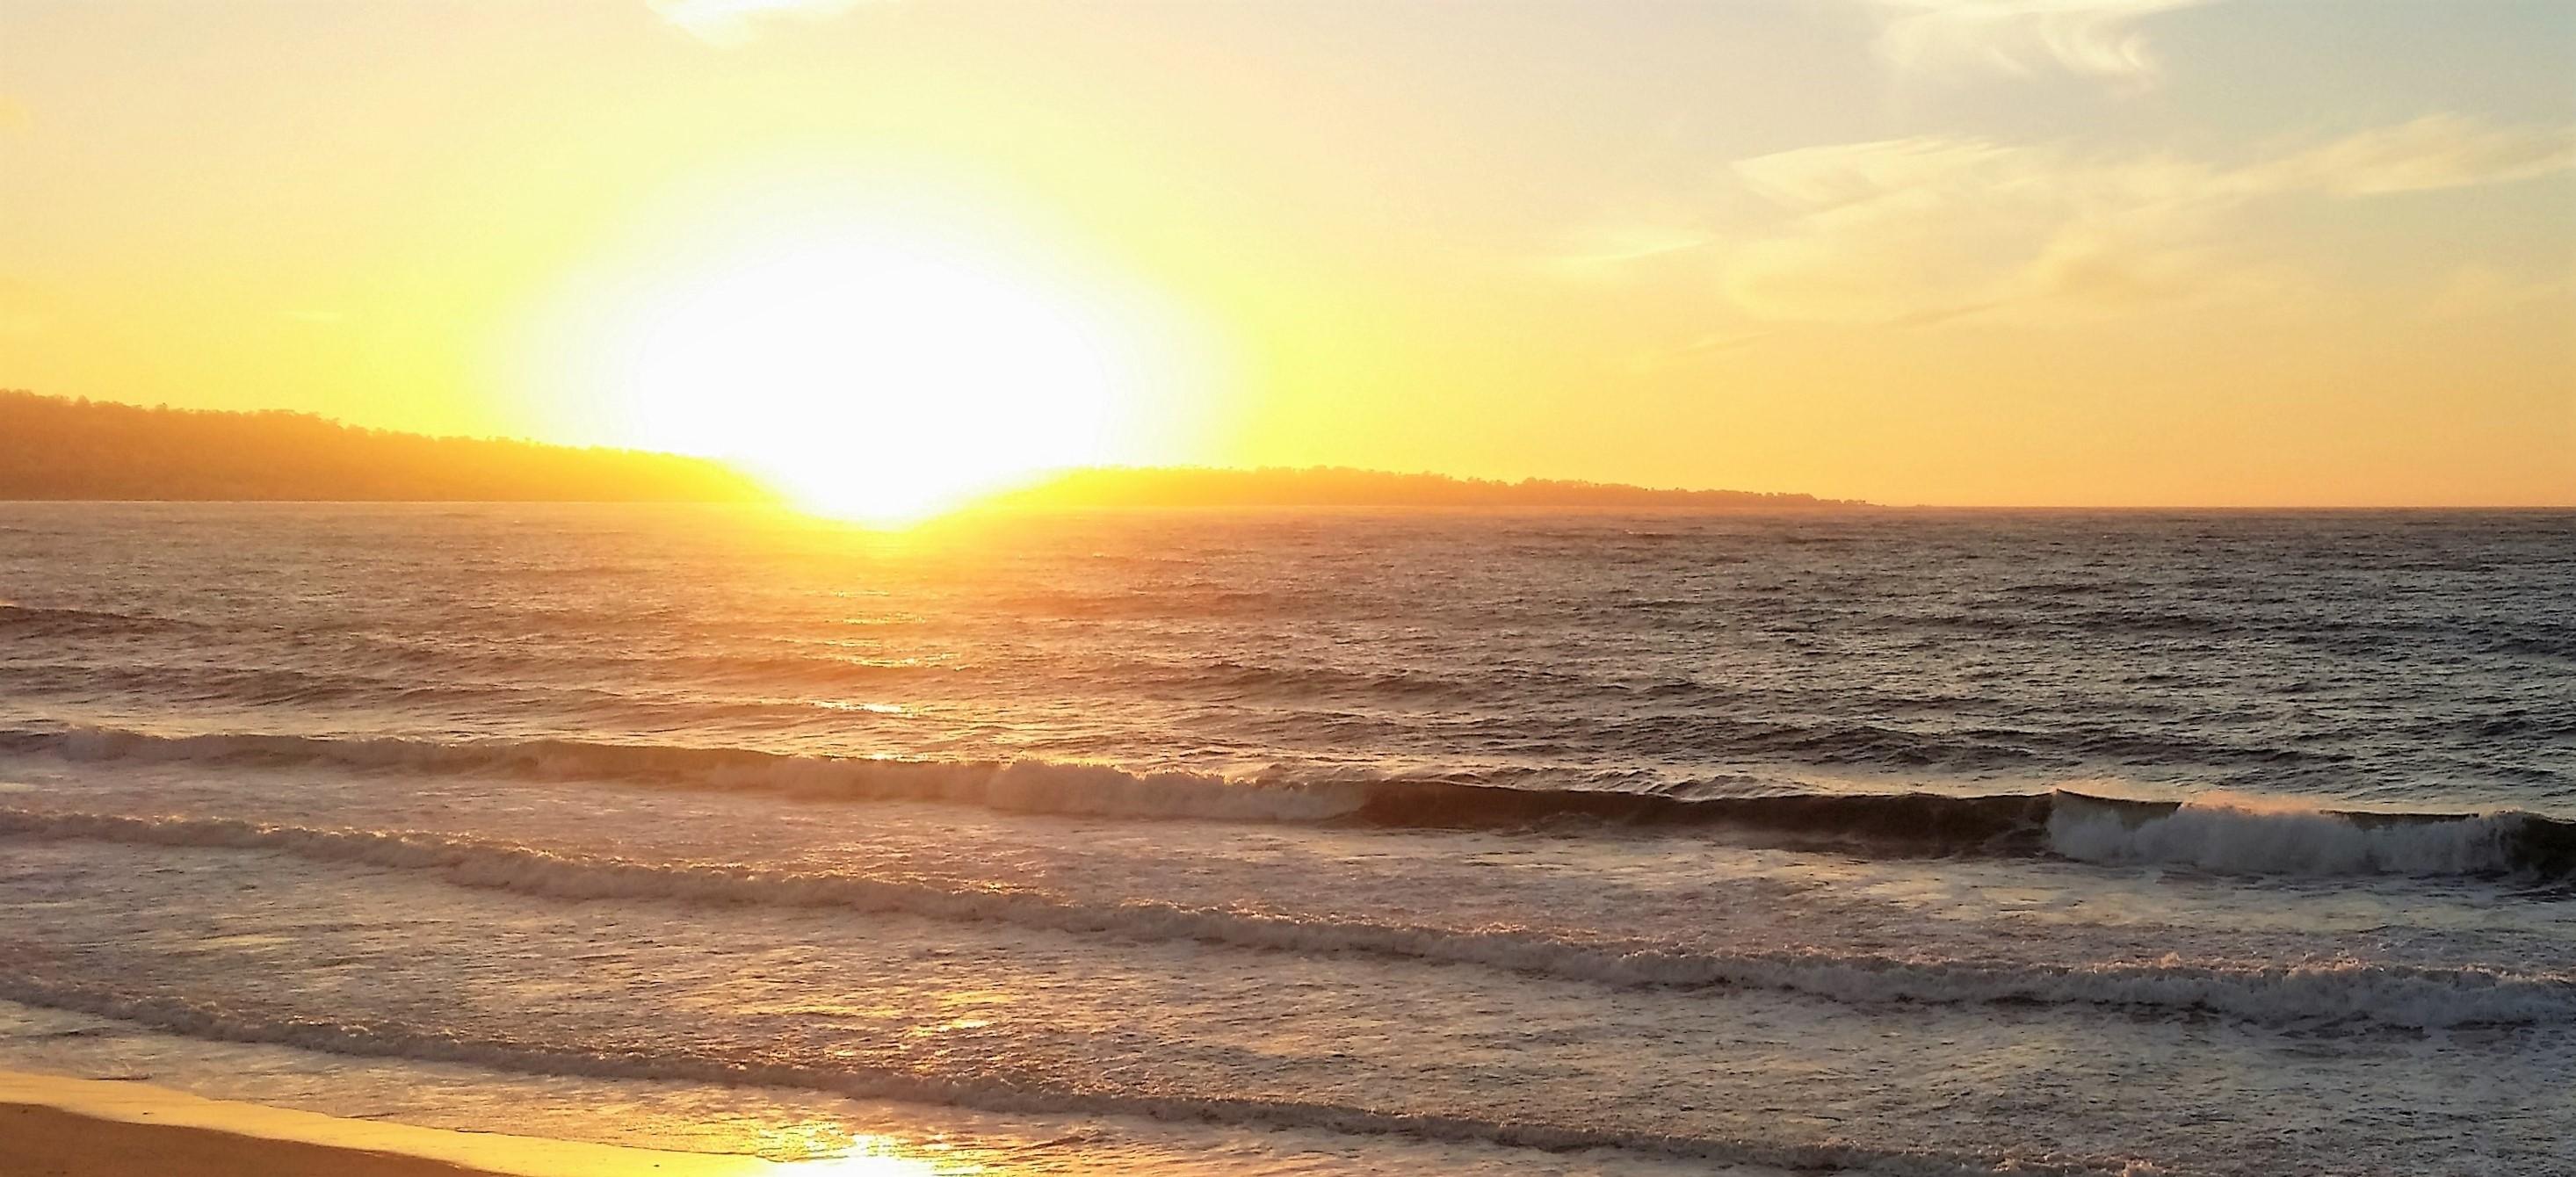 20160923-seaside01-2